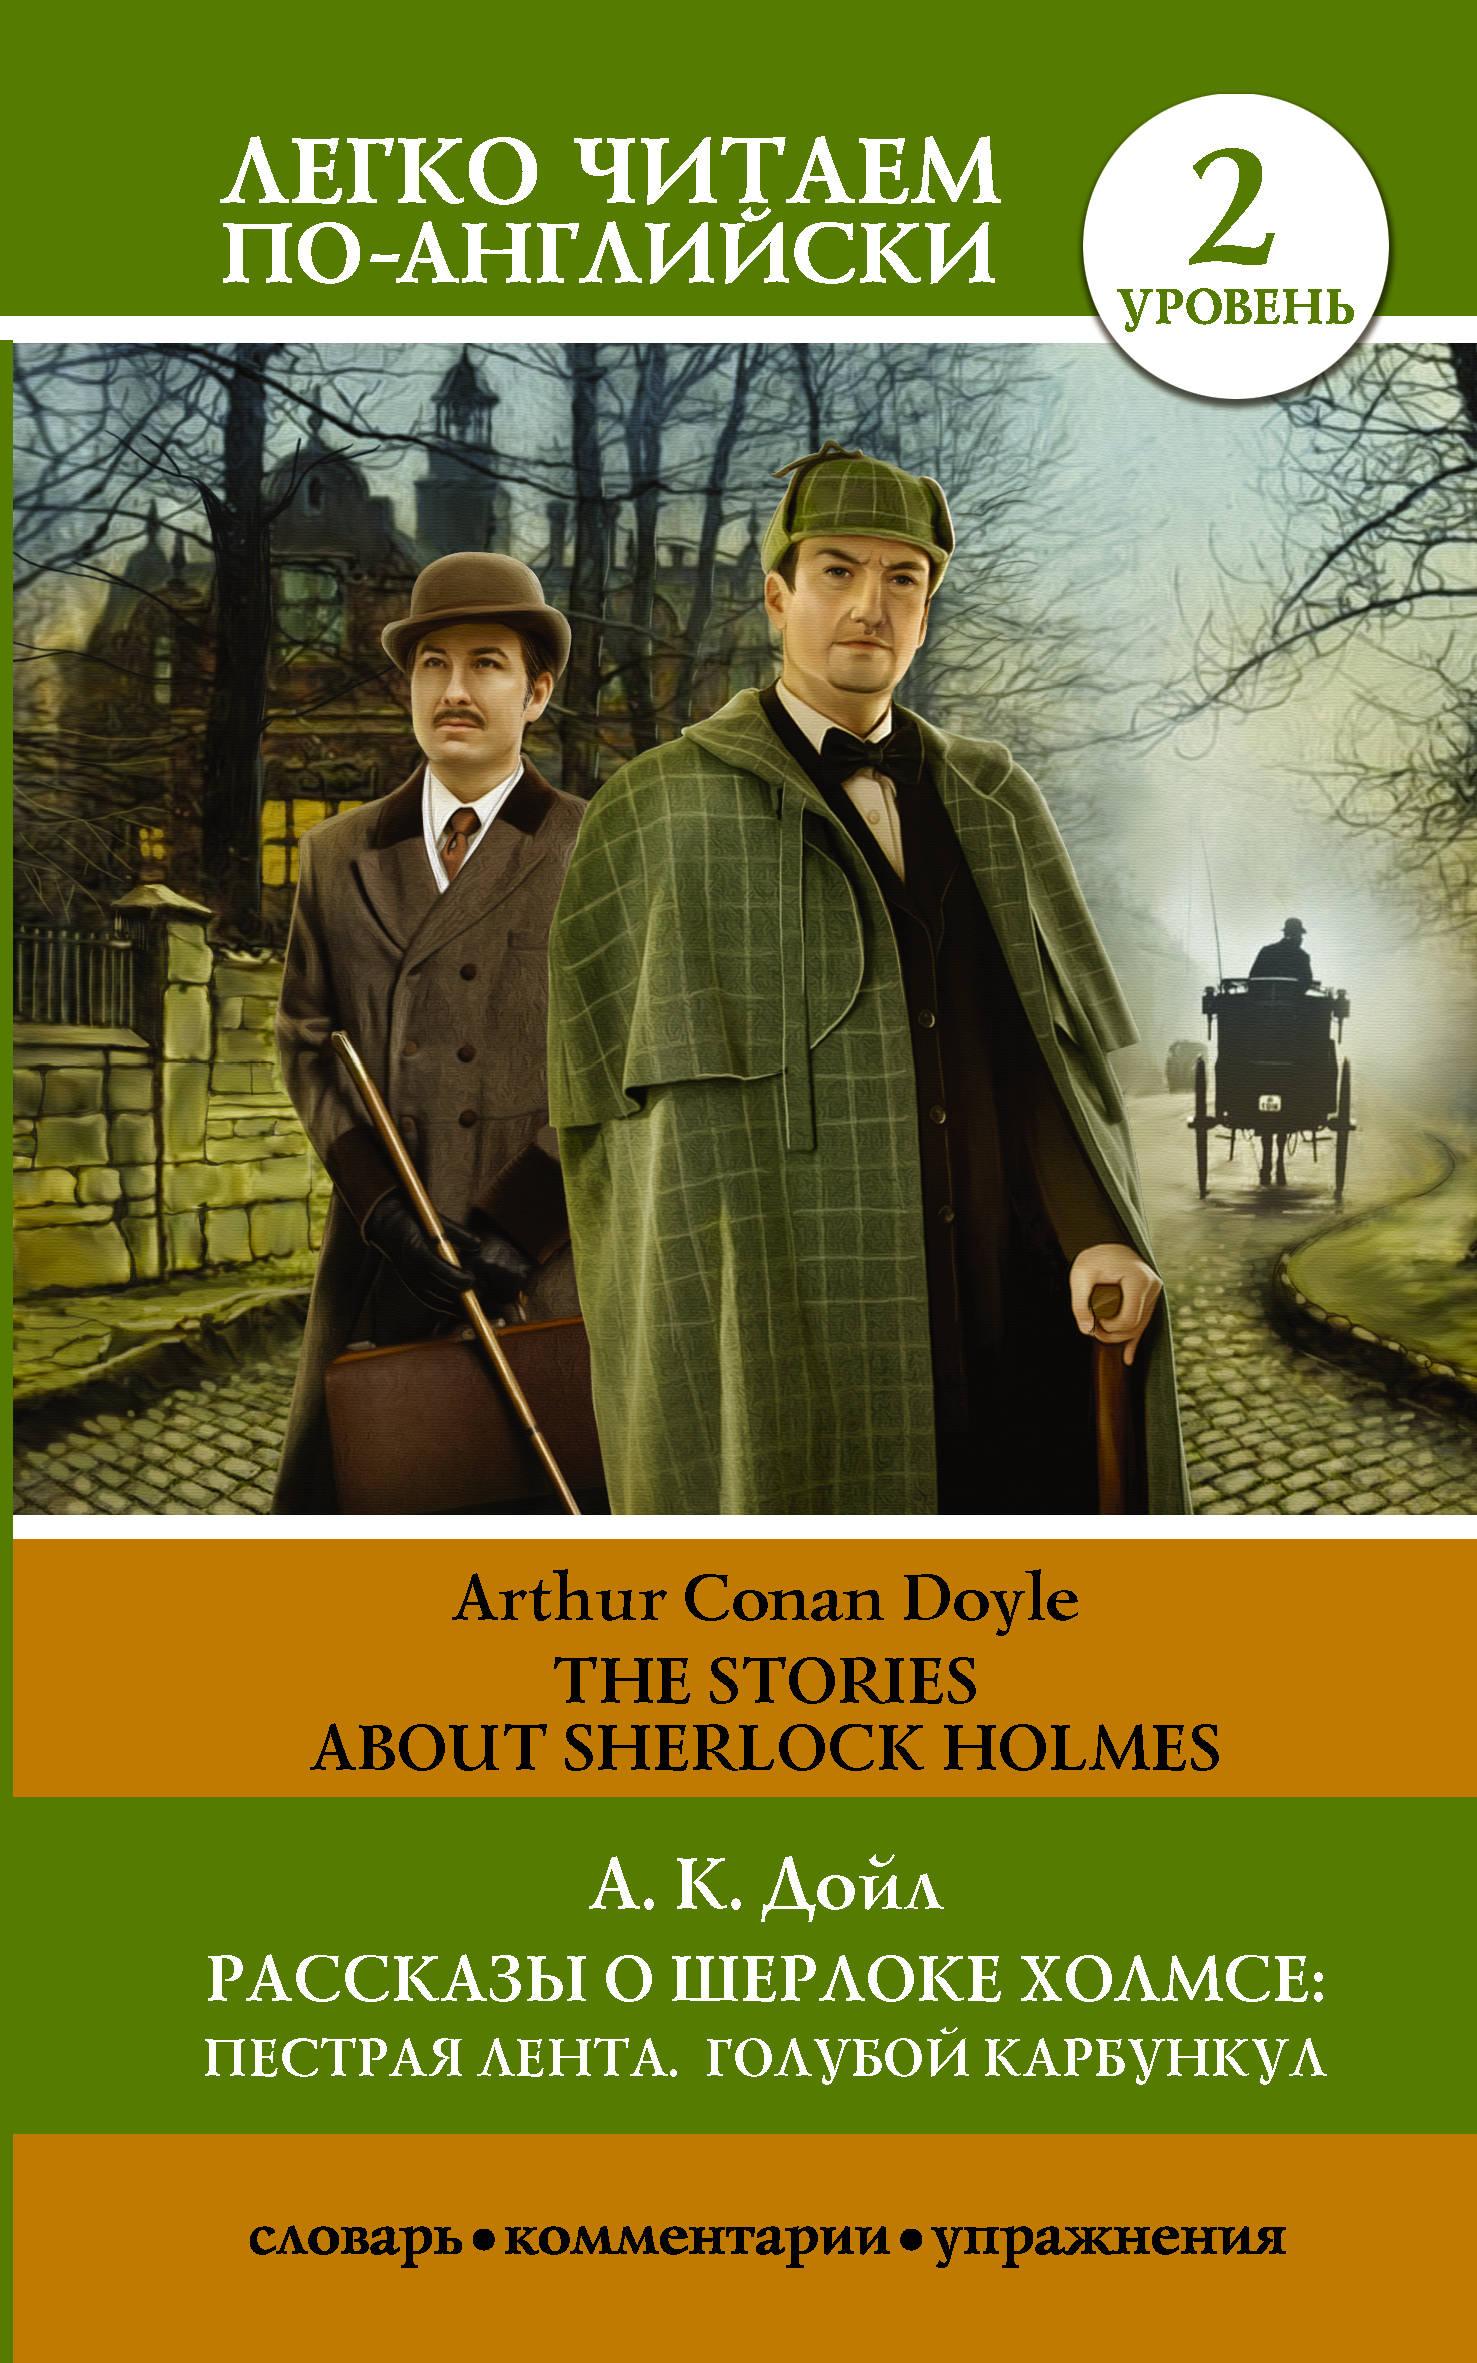 Дойл Артур Конан Рассказы о Шерлоке Холмсе. Пестрая лента. Голубой карбункул. Уровень 2 эксмо записки о шерлоке холмсе